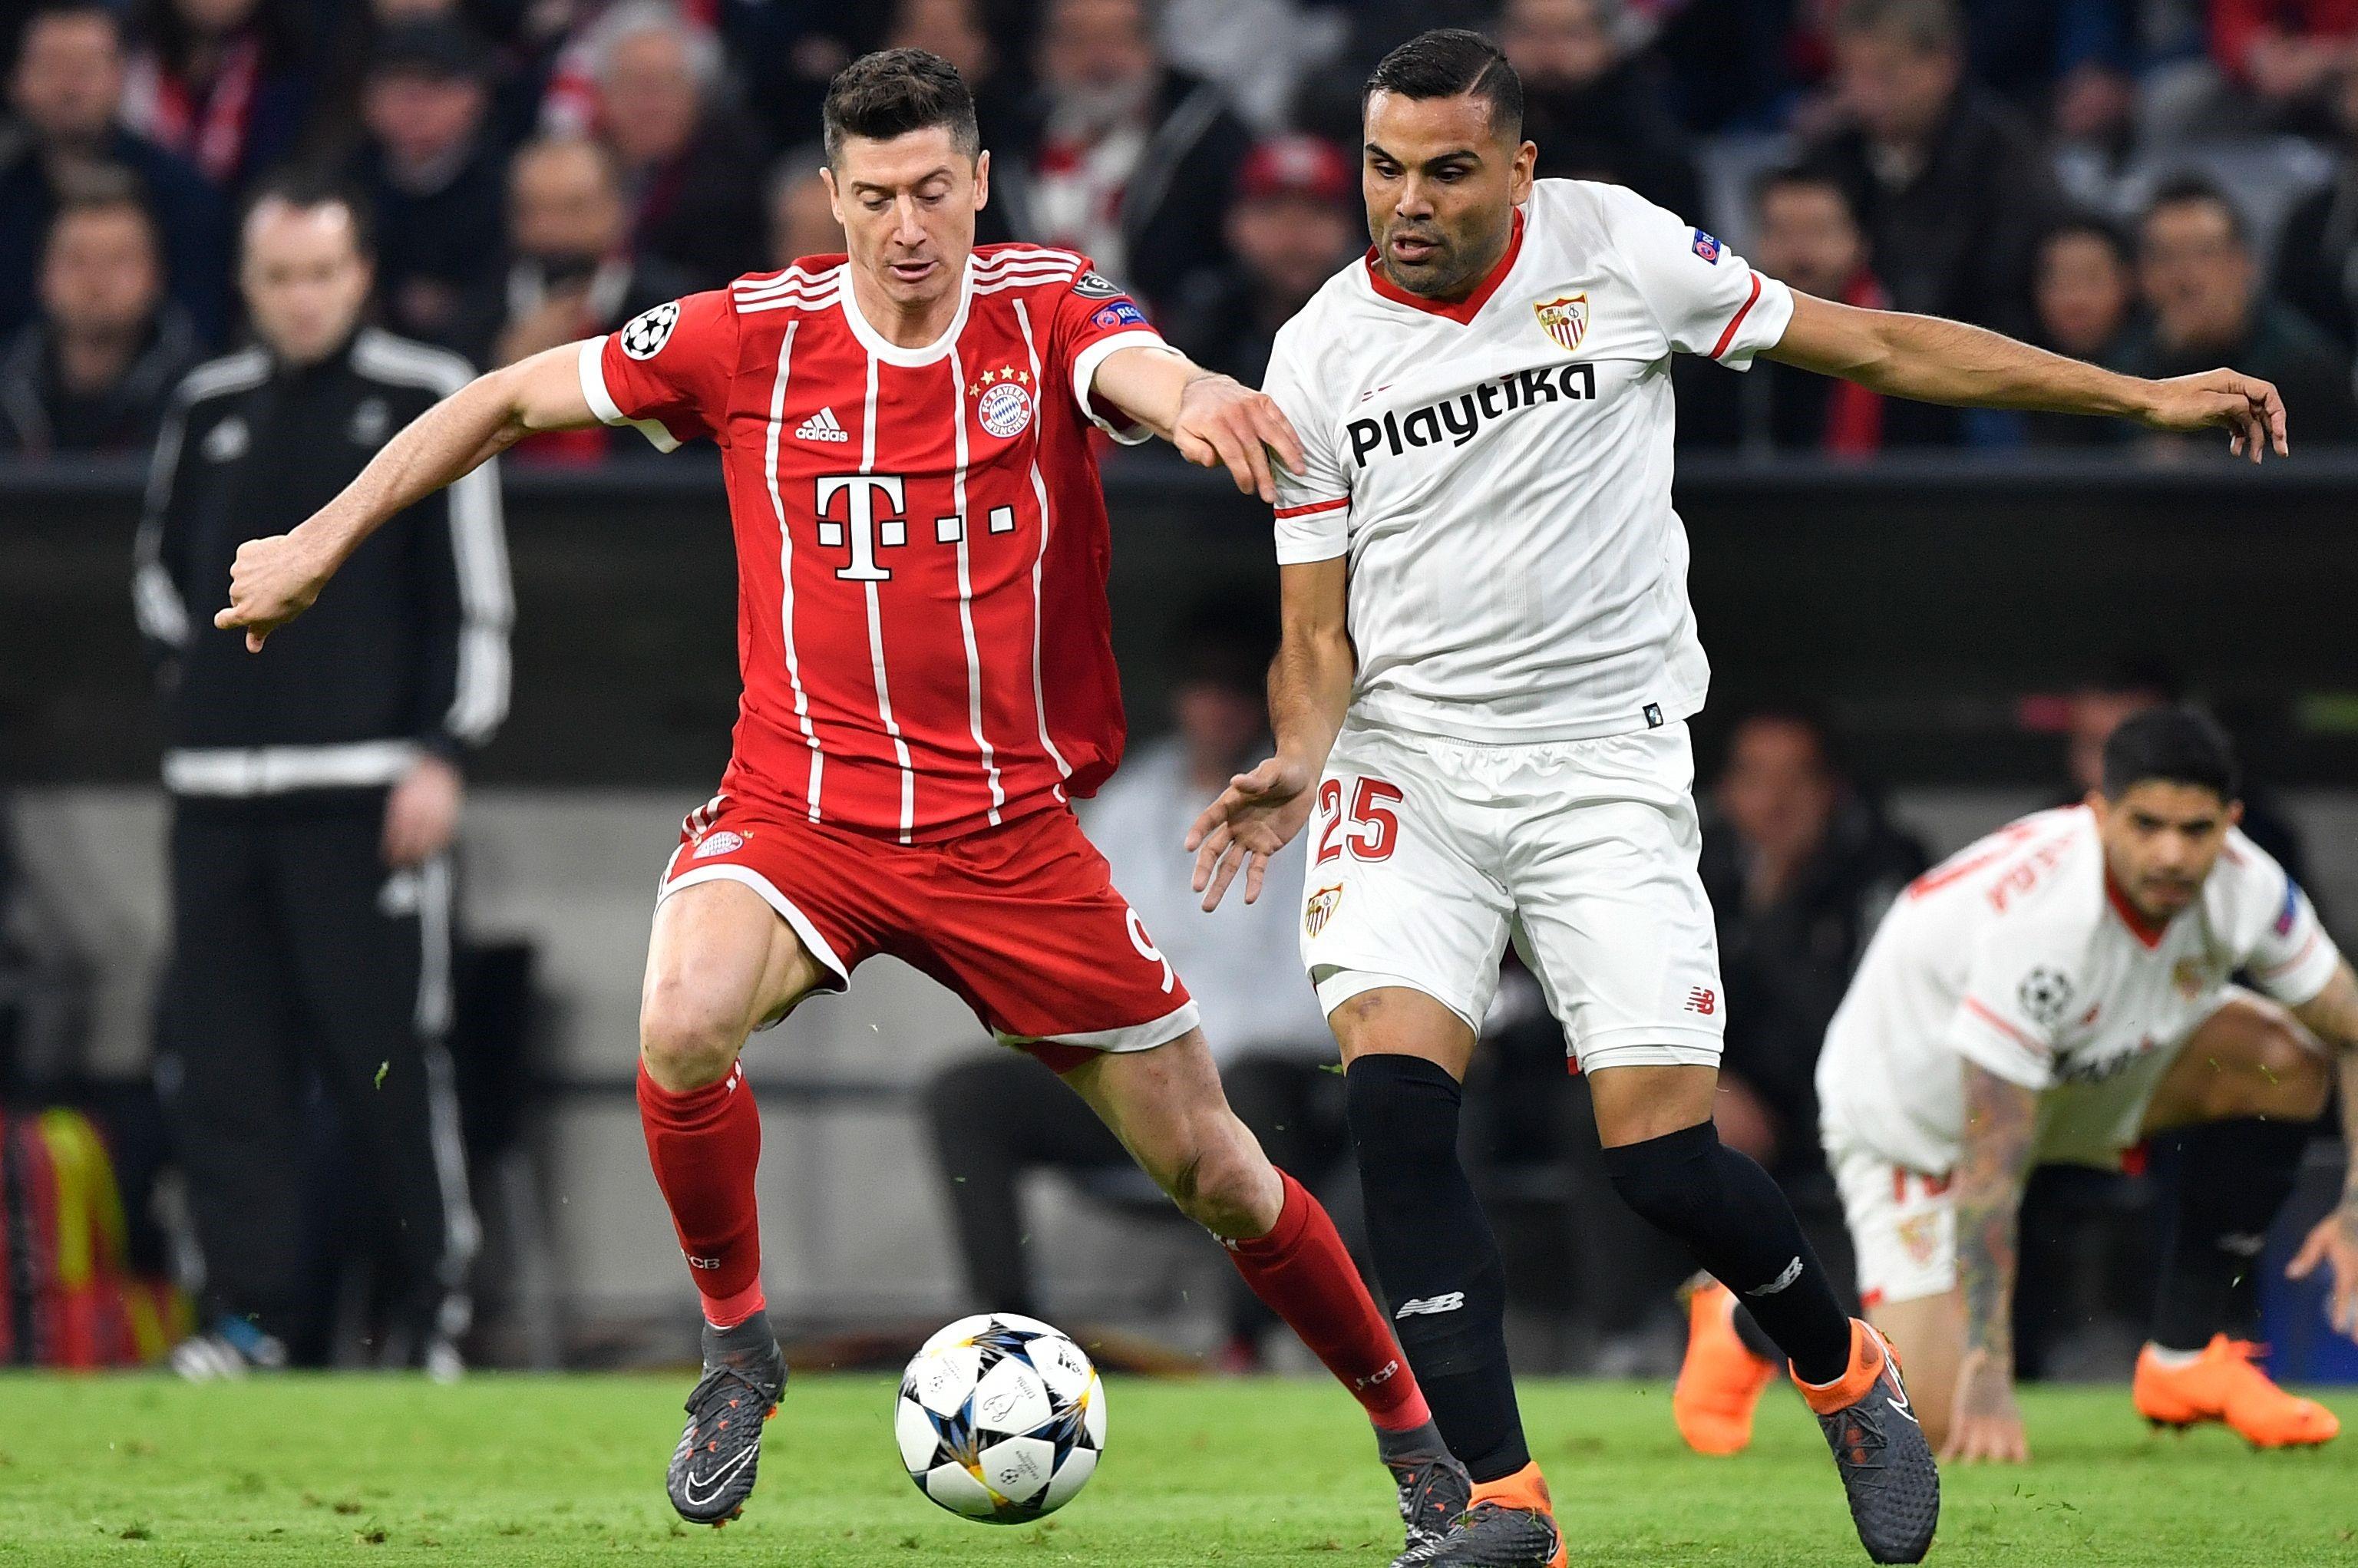 Lewandowski, del Bayern, y Mercado, del Sevilla, pugnan por un balón